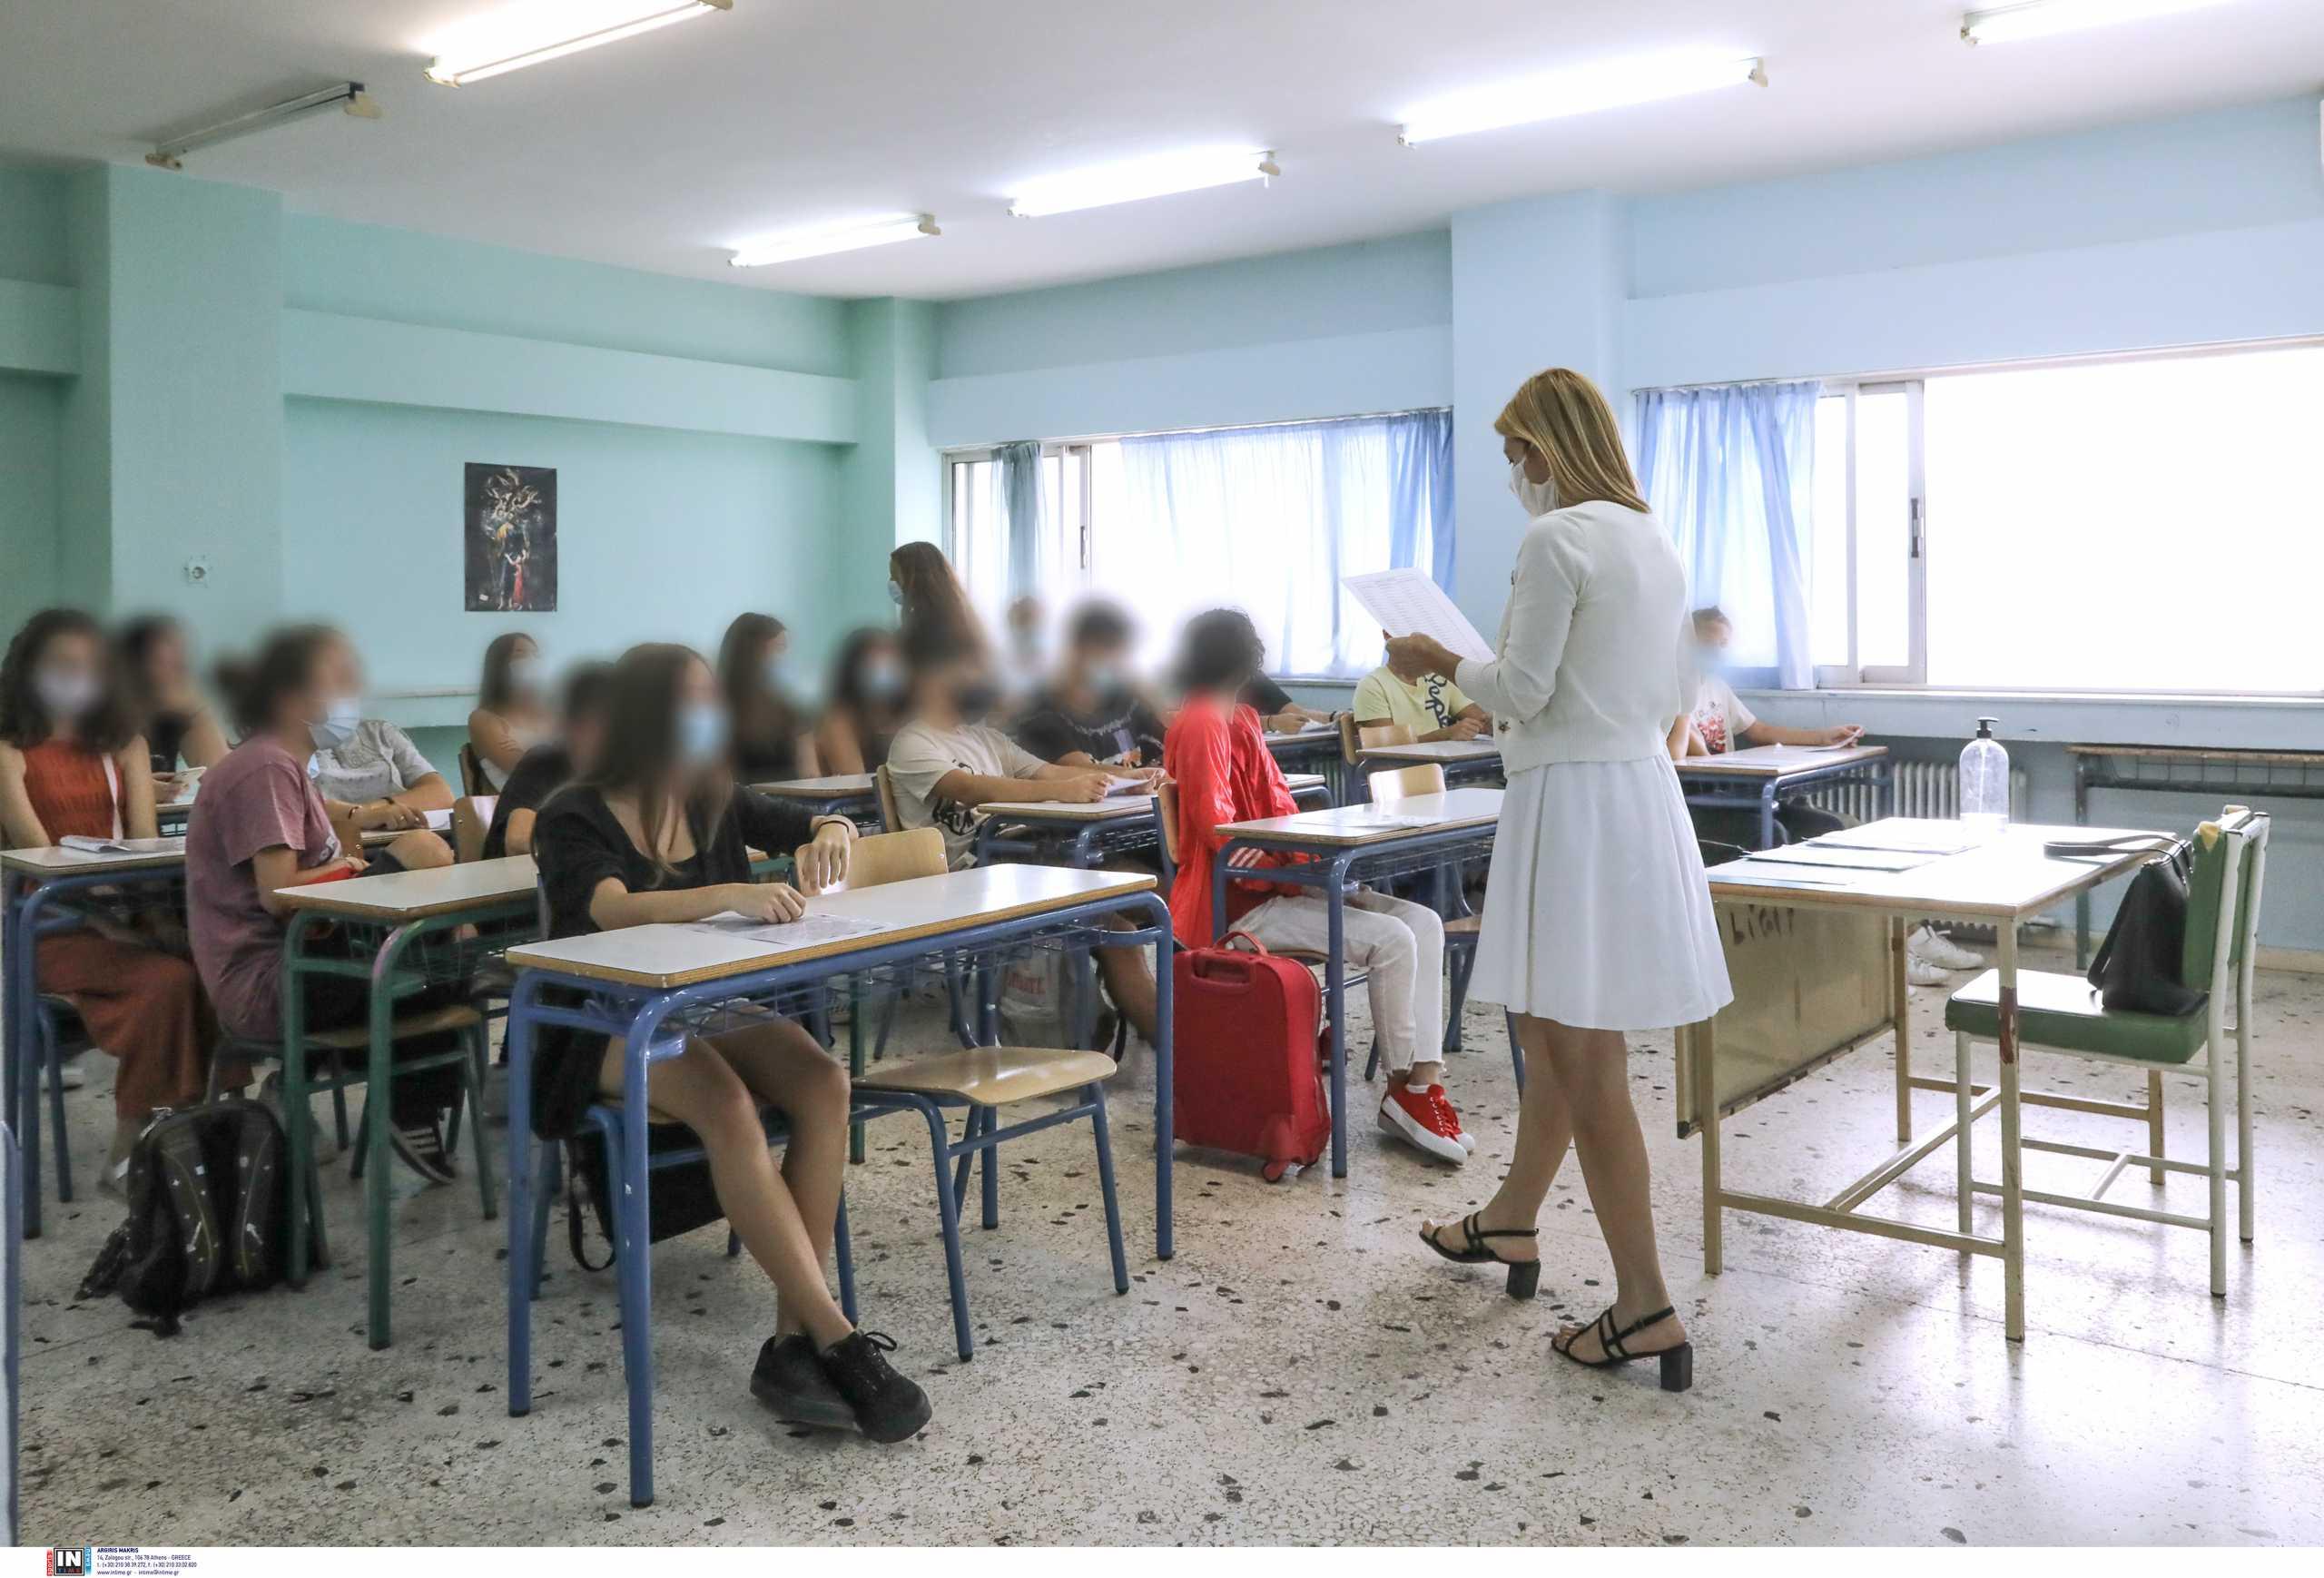 Κορονοϊός – Κεραμέως: Καταδίκη για τις μηνύσεις από γονείς-αρνητές σε εκπαιδευτικούς